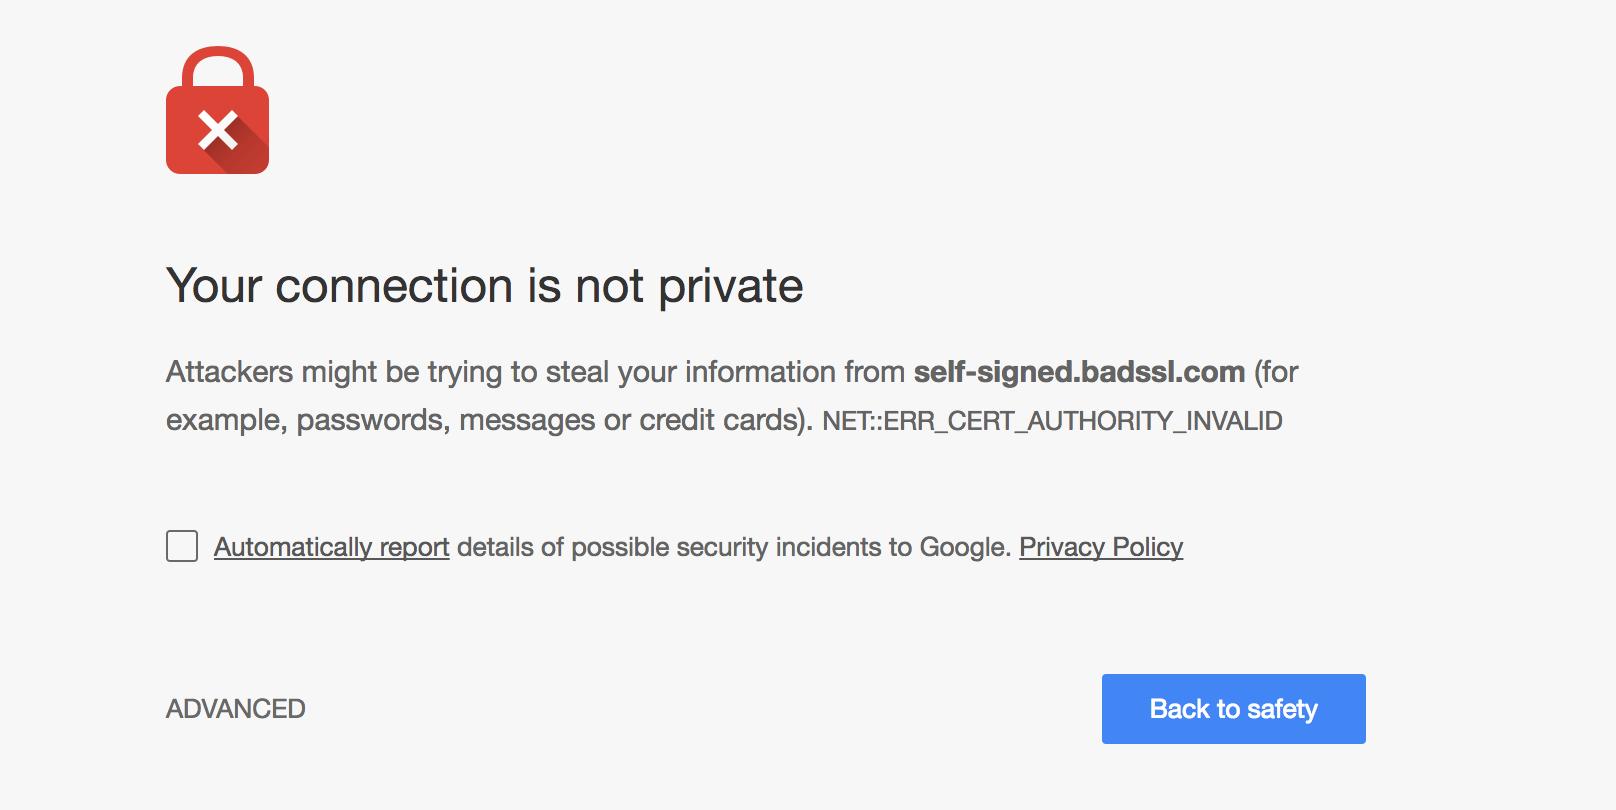 Untrusted certificate